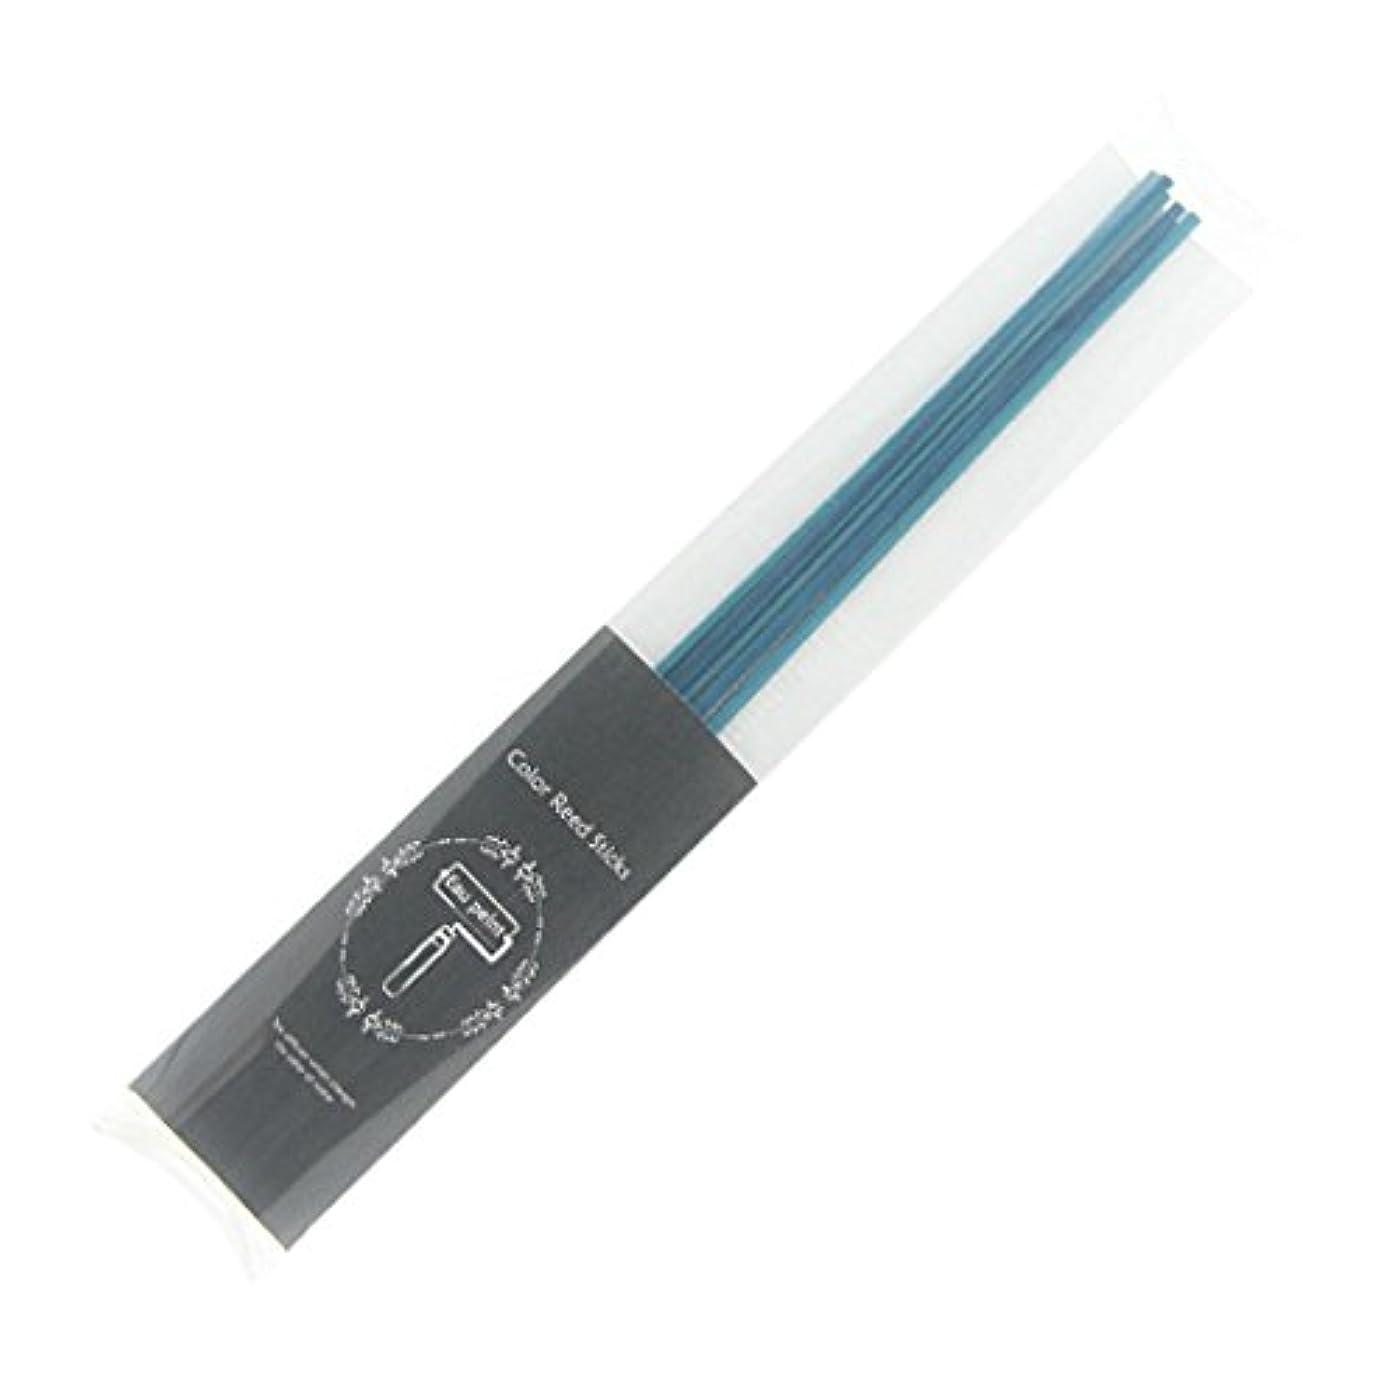 虫ペンダント予防接種するEau peint mais+ カラースティック リードディフューザー用スティック 5本入 ブルー Blue オーペイント マイス